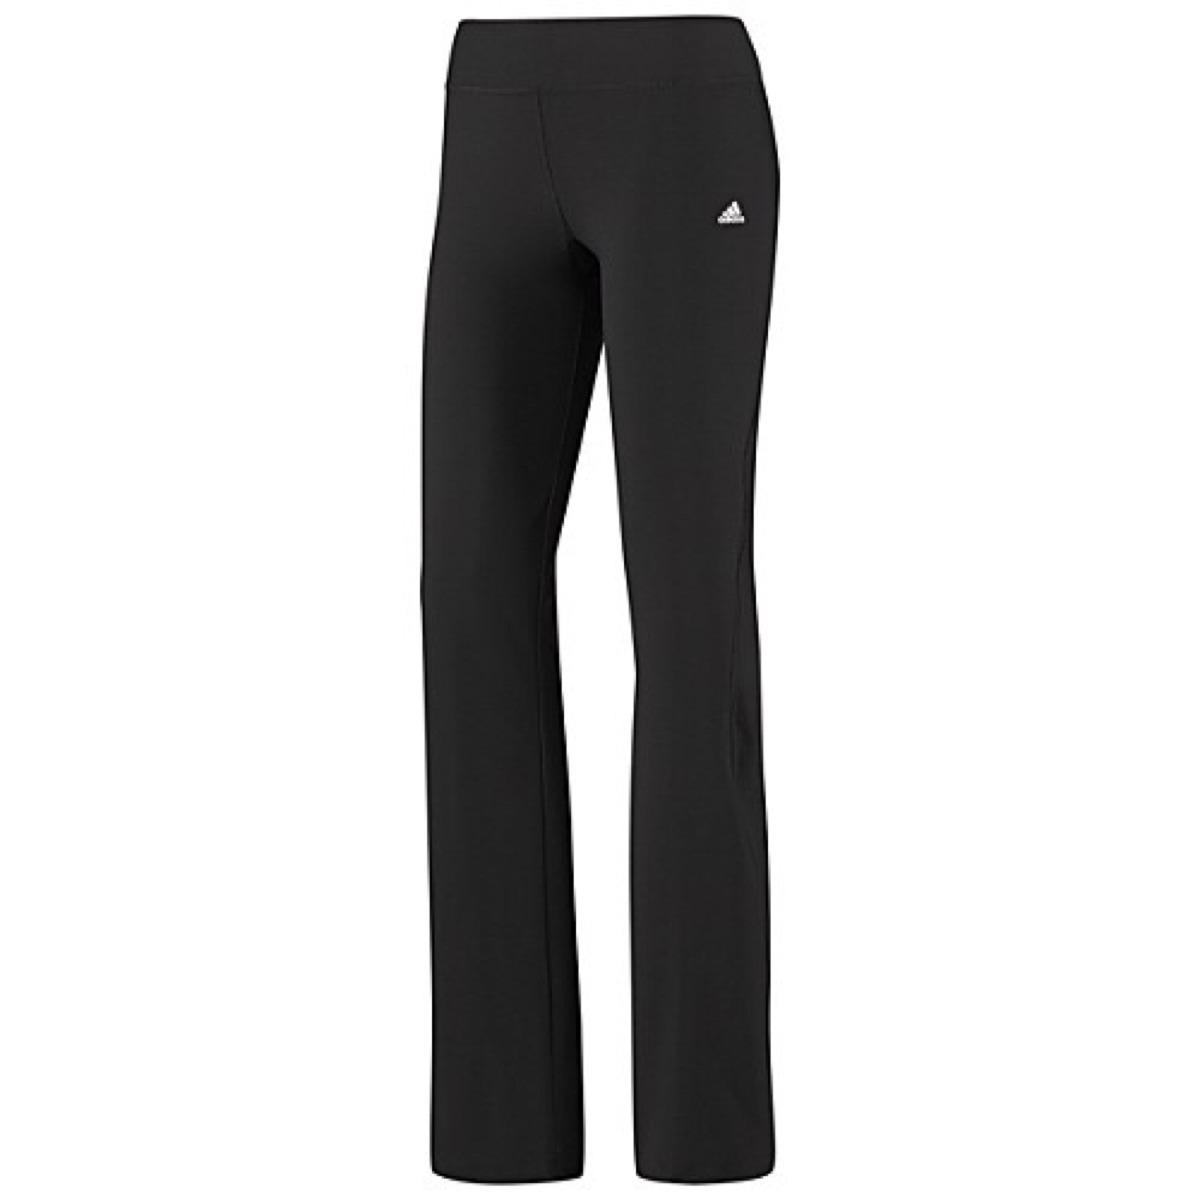 Pantalón adidas Para Dama -   490.00 en Mercado Libre 4d0e4512c8ce